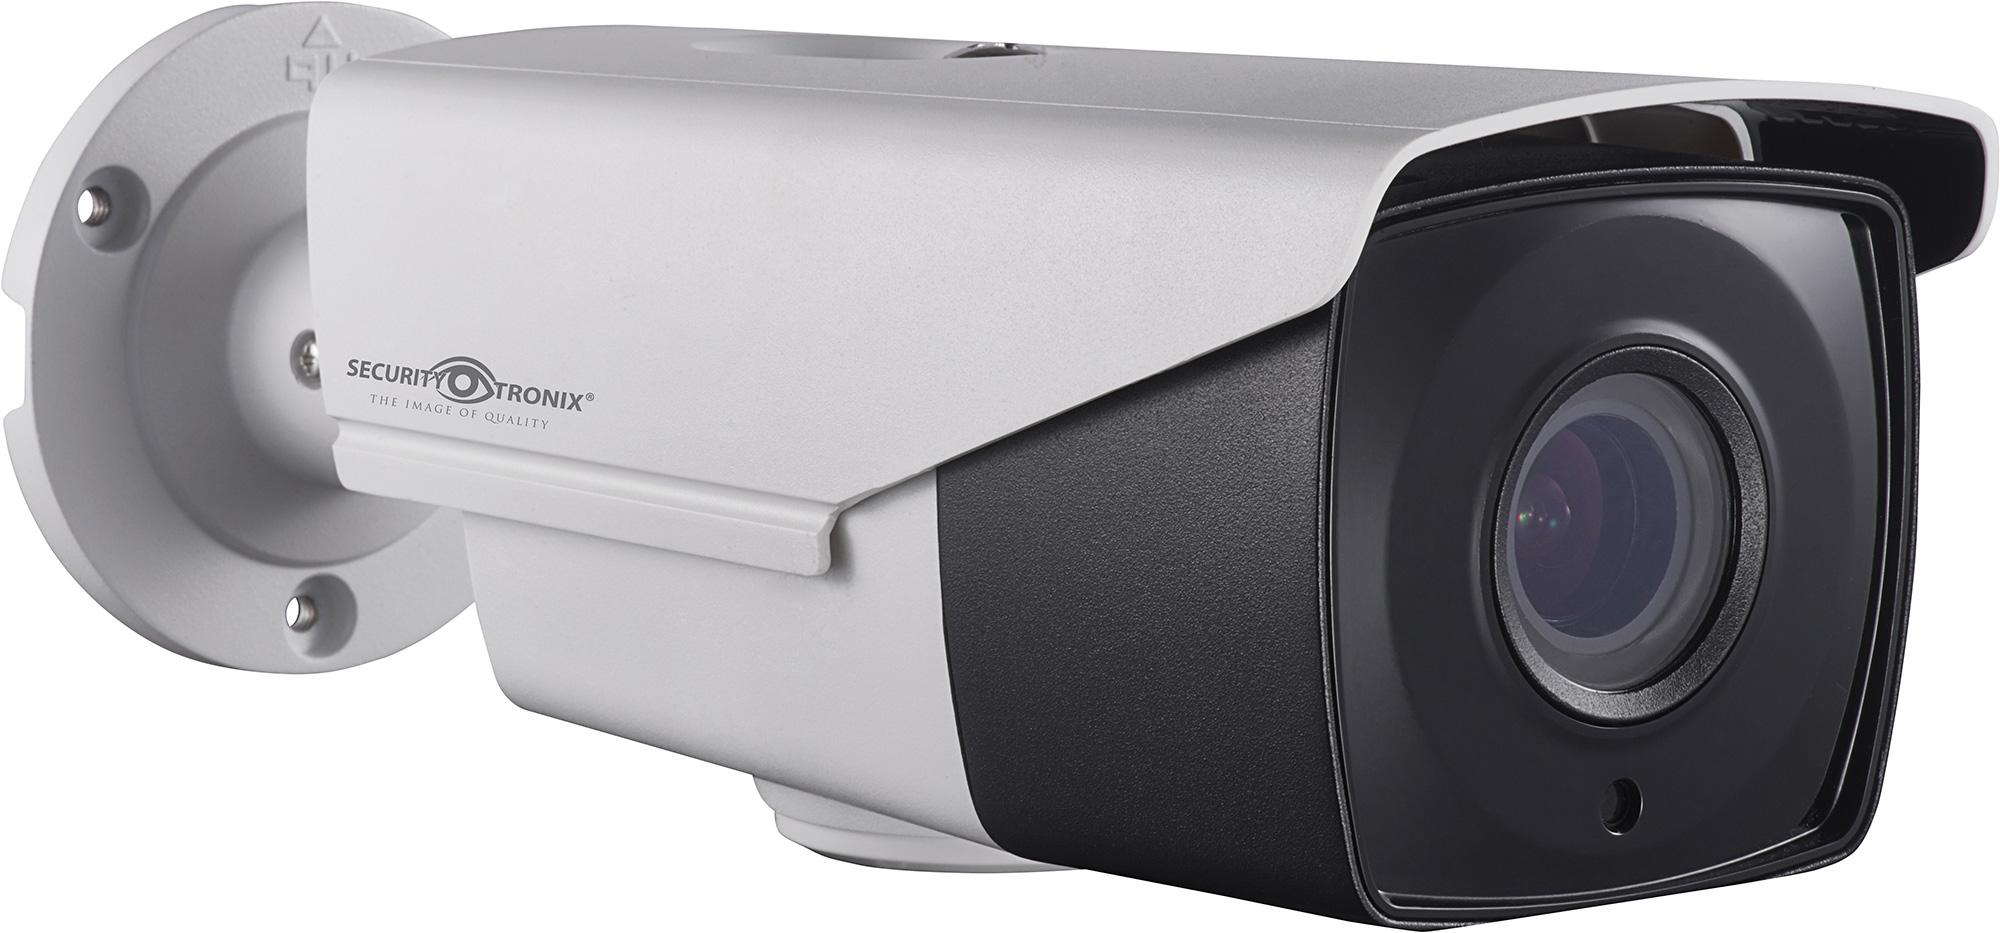 SecurityTronix ST-HDC2VFB-MZ 2MP HD-TVI Motorized Varifocal Lens Bullet Camera SCT-ST-HDC2VFBMZ